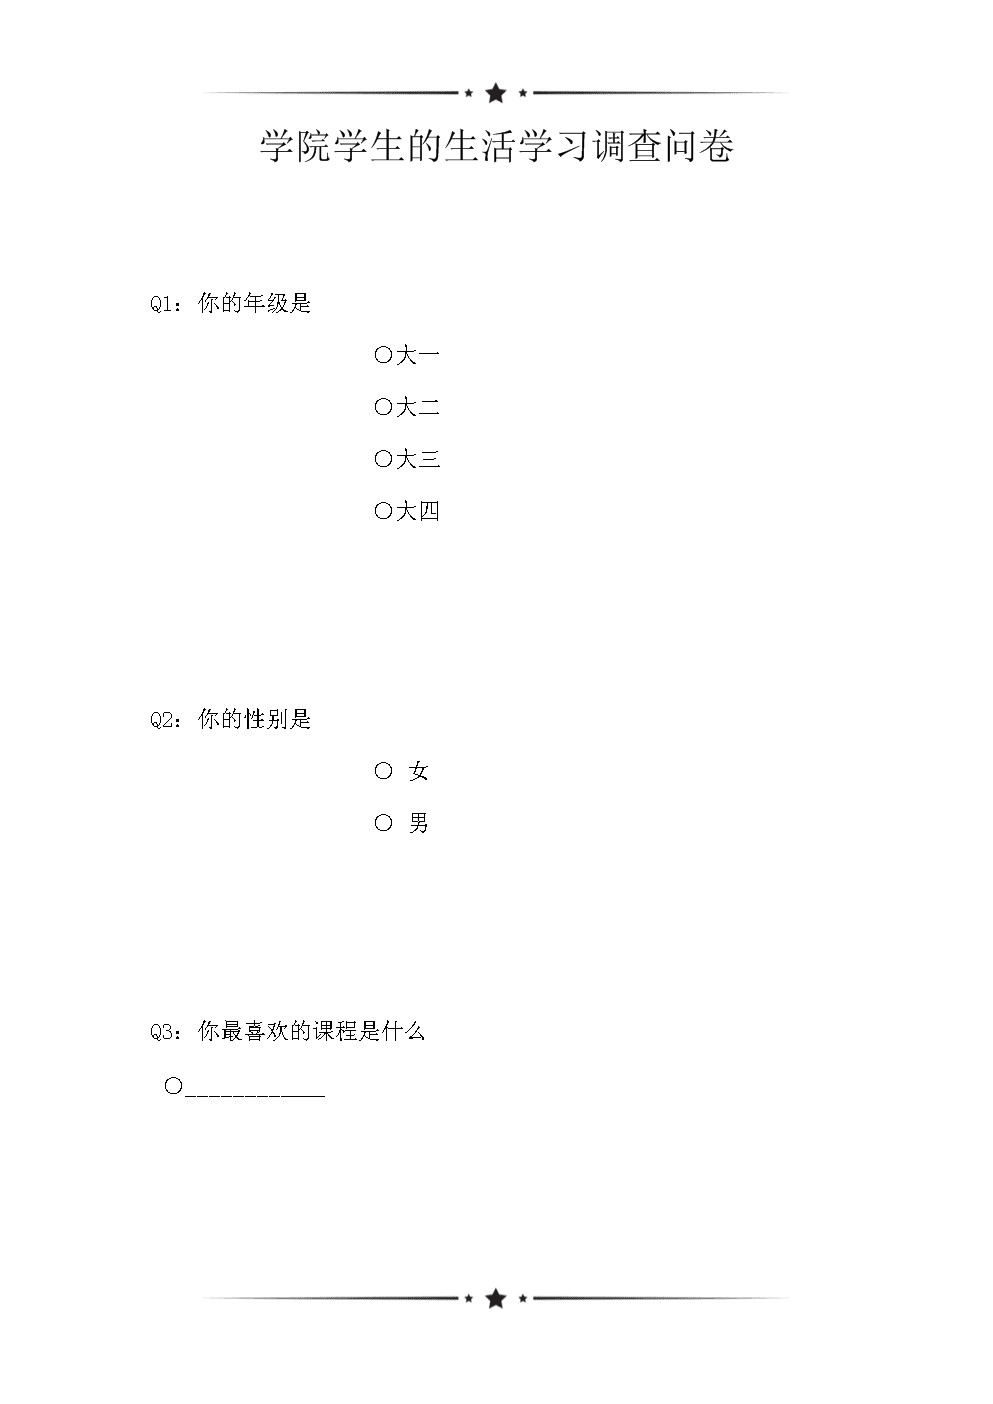 学院学生的生活学习调查问卷(可编辑).doc